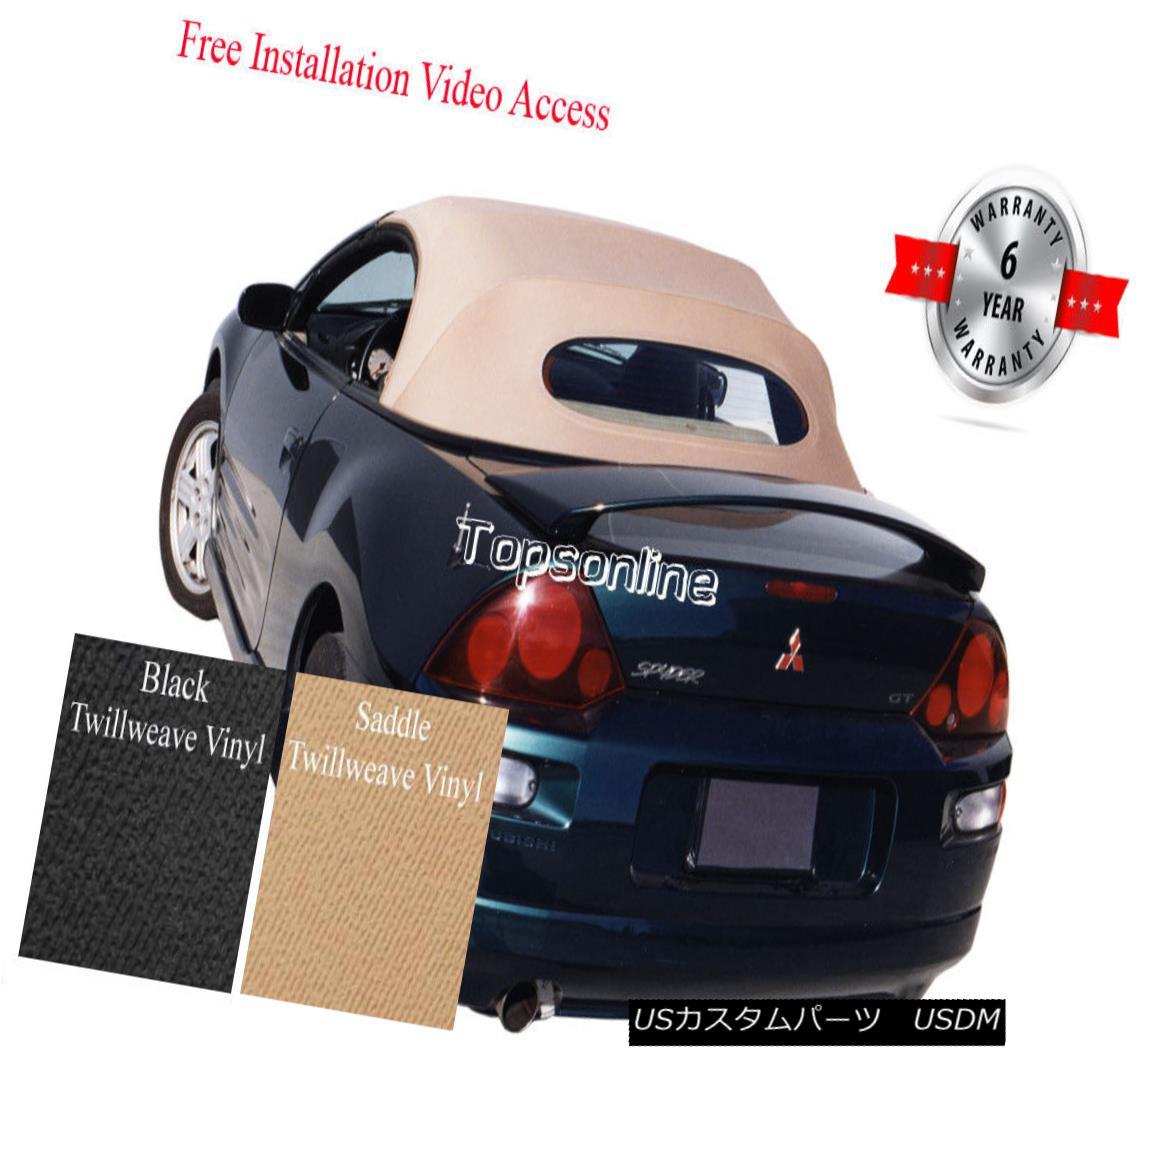 幌・ソフトトップ Mitsubishi Eclipse Convertible Soft Top W/Heated Glass & Install Video, 2000-05 三菱Eclipse ConvertibleソフトトップW /暖房ガラス& 2000-05年ビデオのインストール